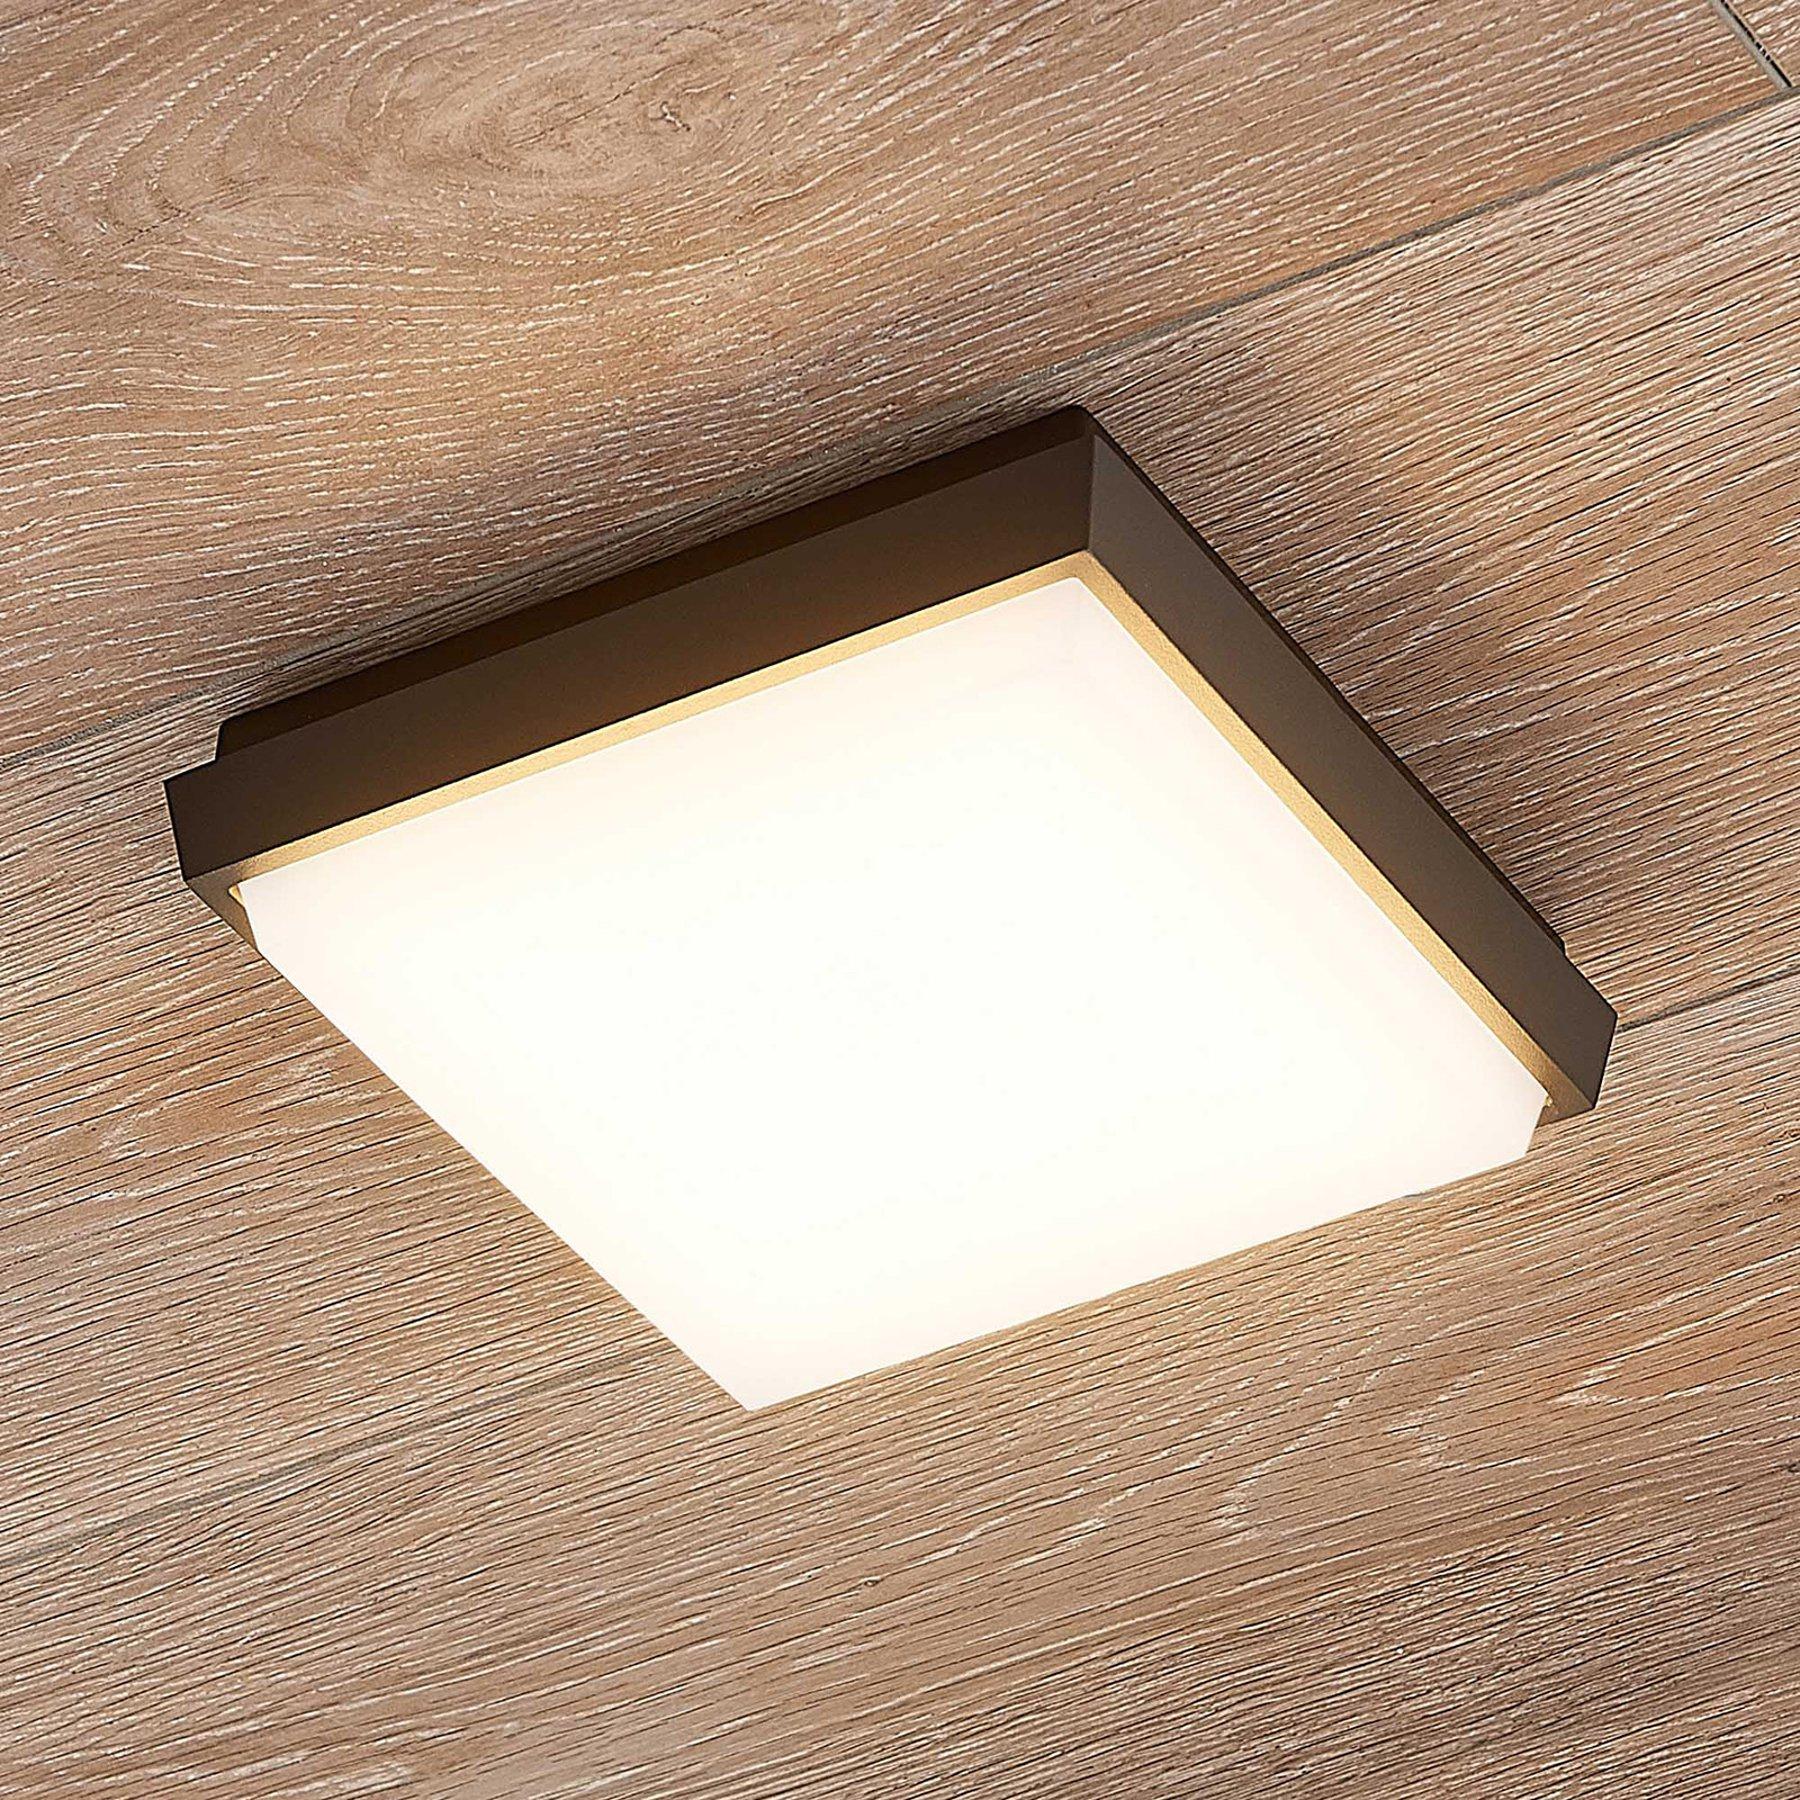 Lucande Amra LED utetaklampe, kantet, 17,5 cm